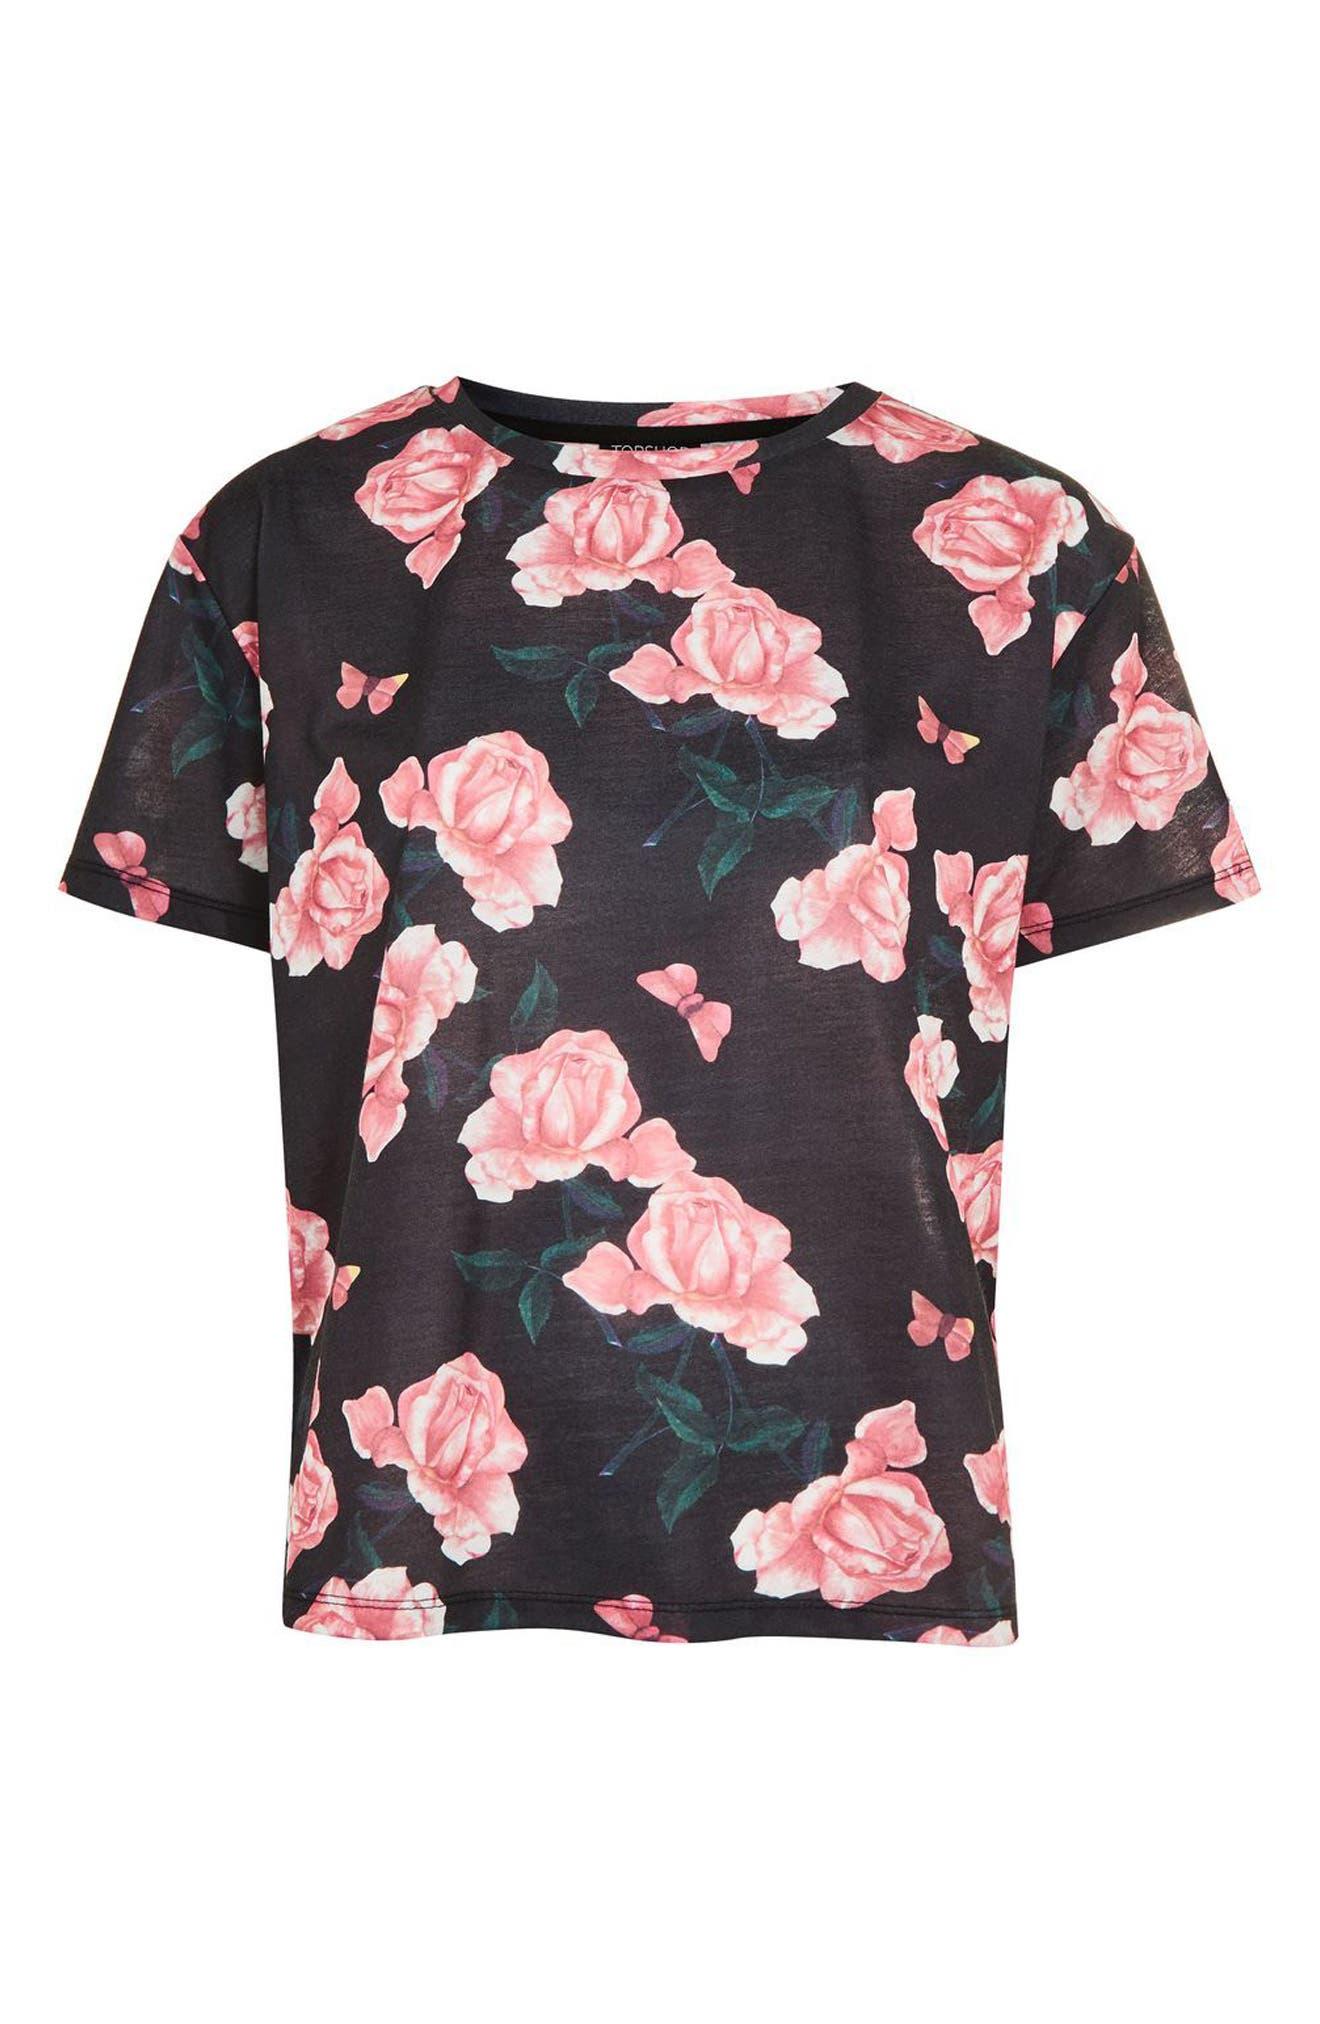 Rose Pajama Top,                             Alternate thumbnail 3, color,                             001